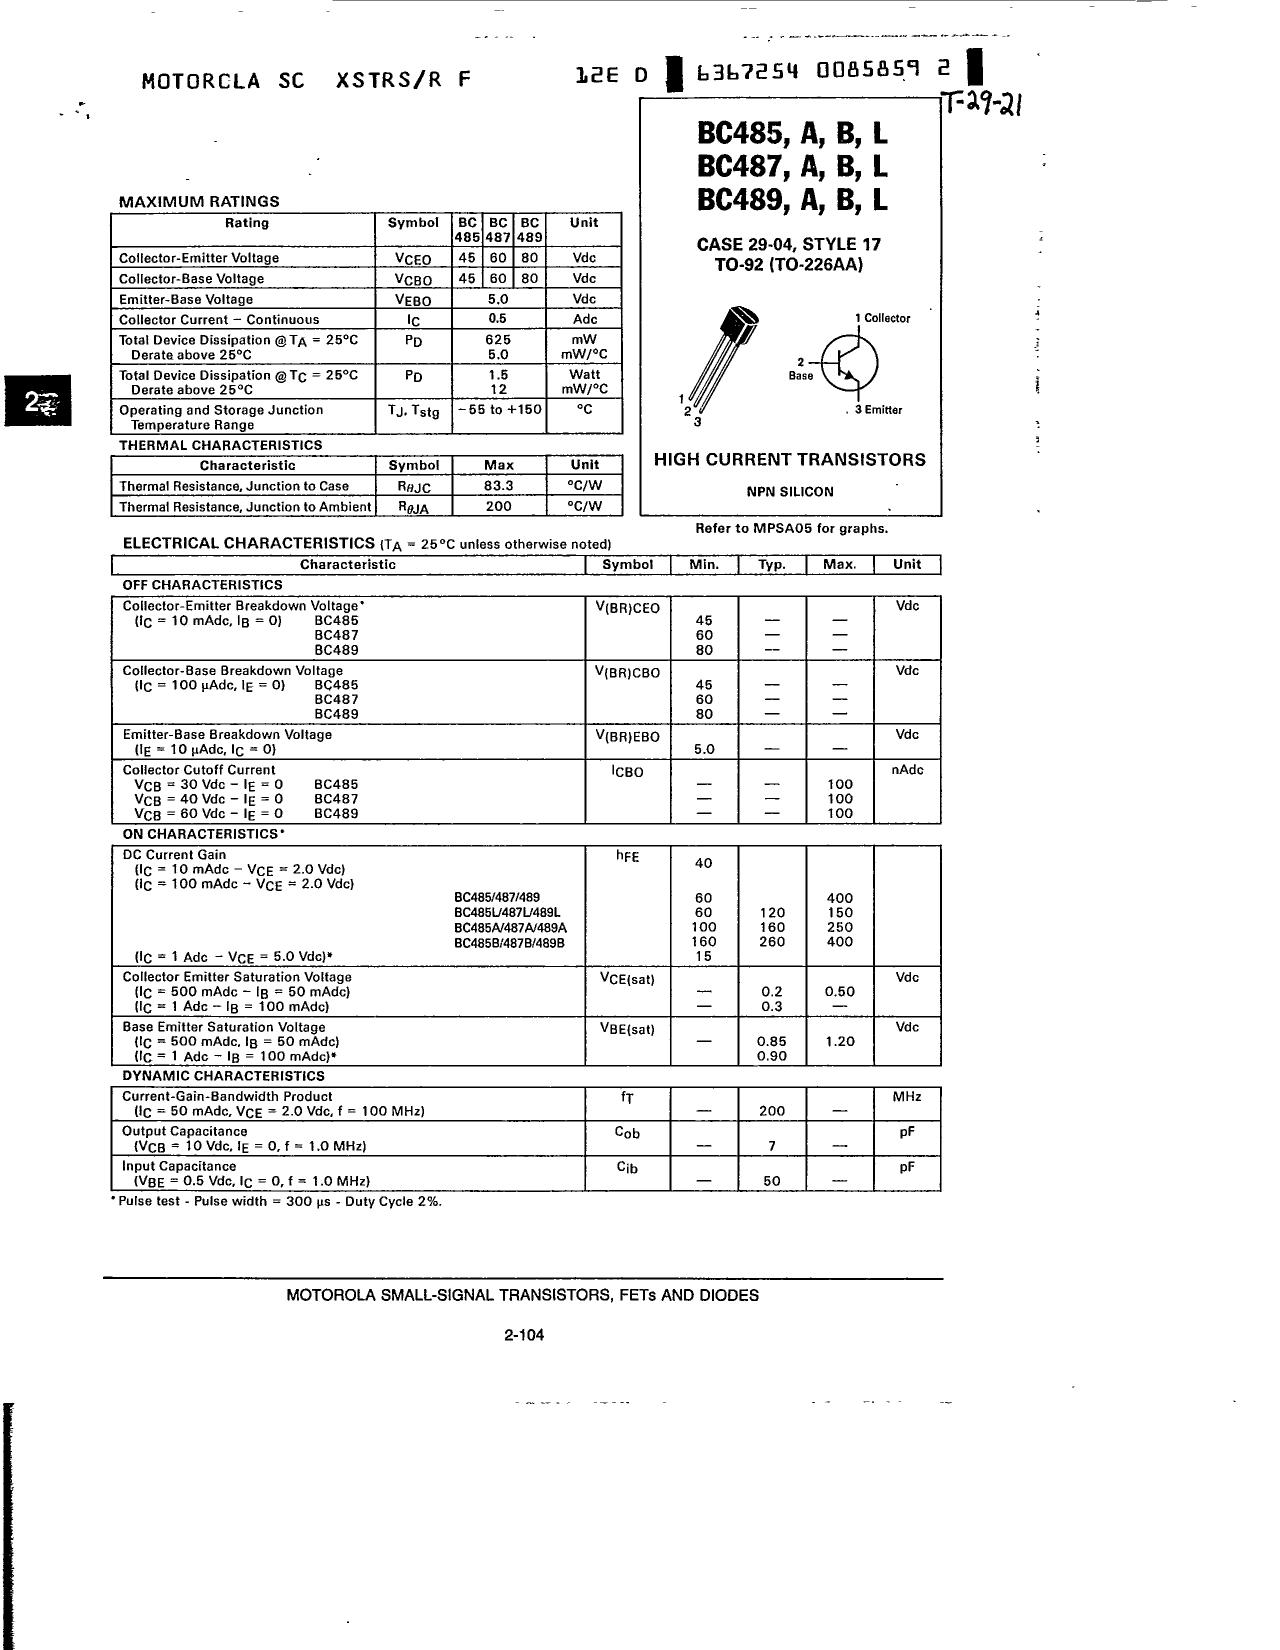 BC487A 데이터시트 및 BC487A PDF